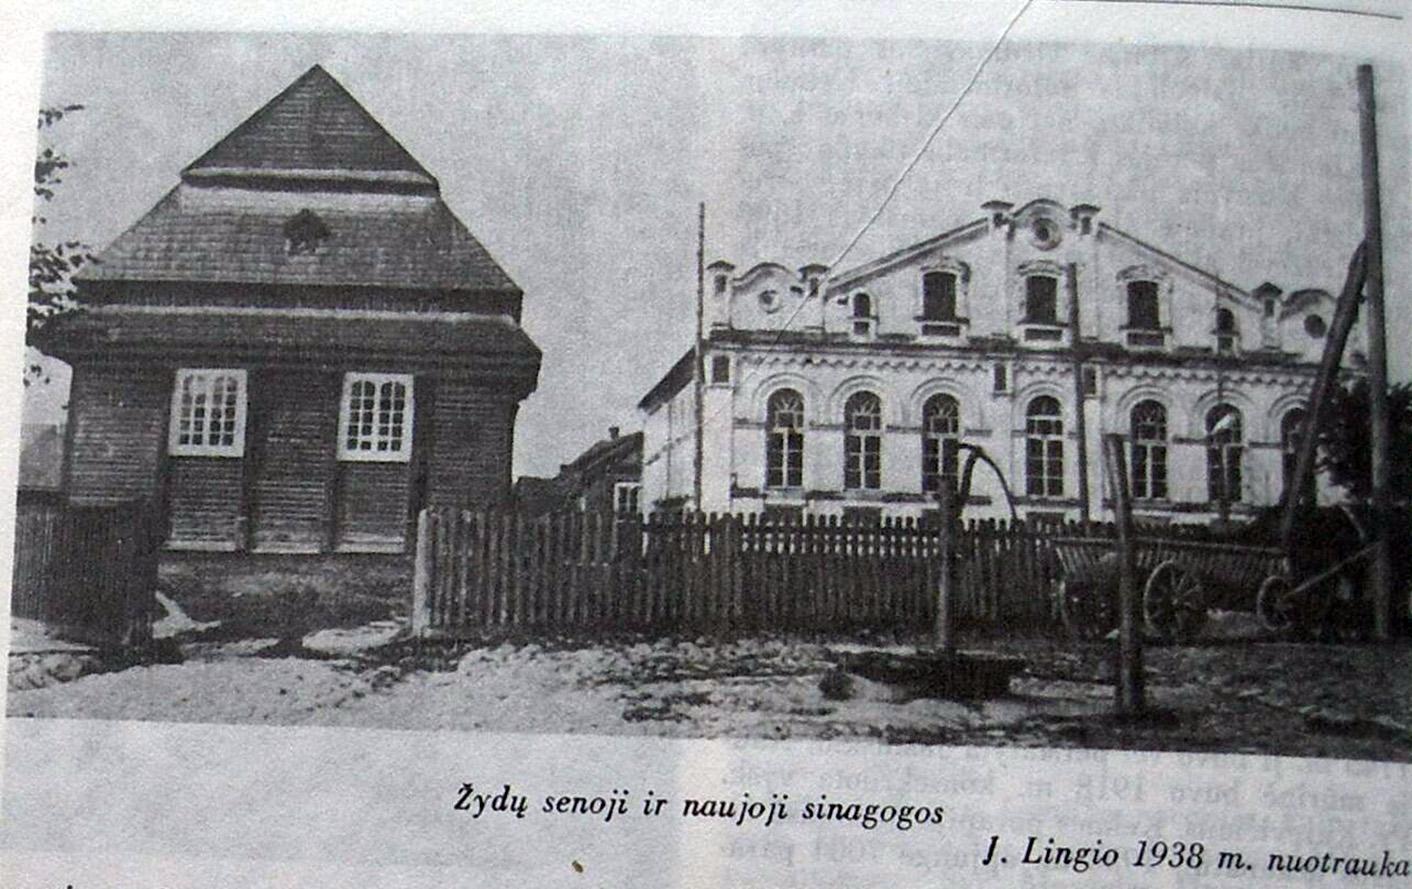 Senoji ir naujogi sinagogos Kelmėje